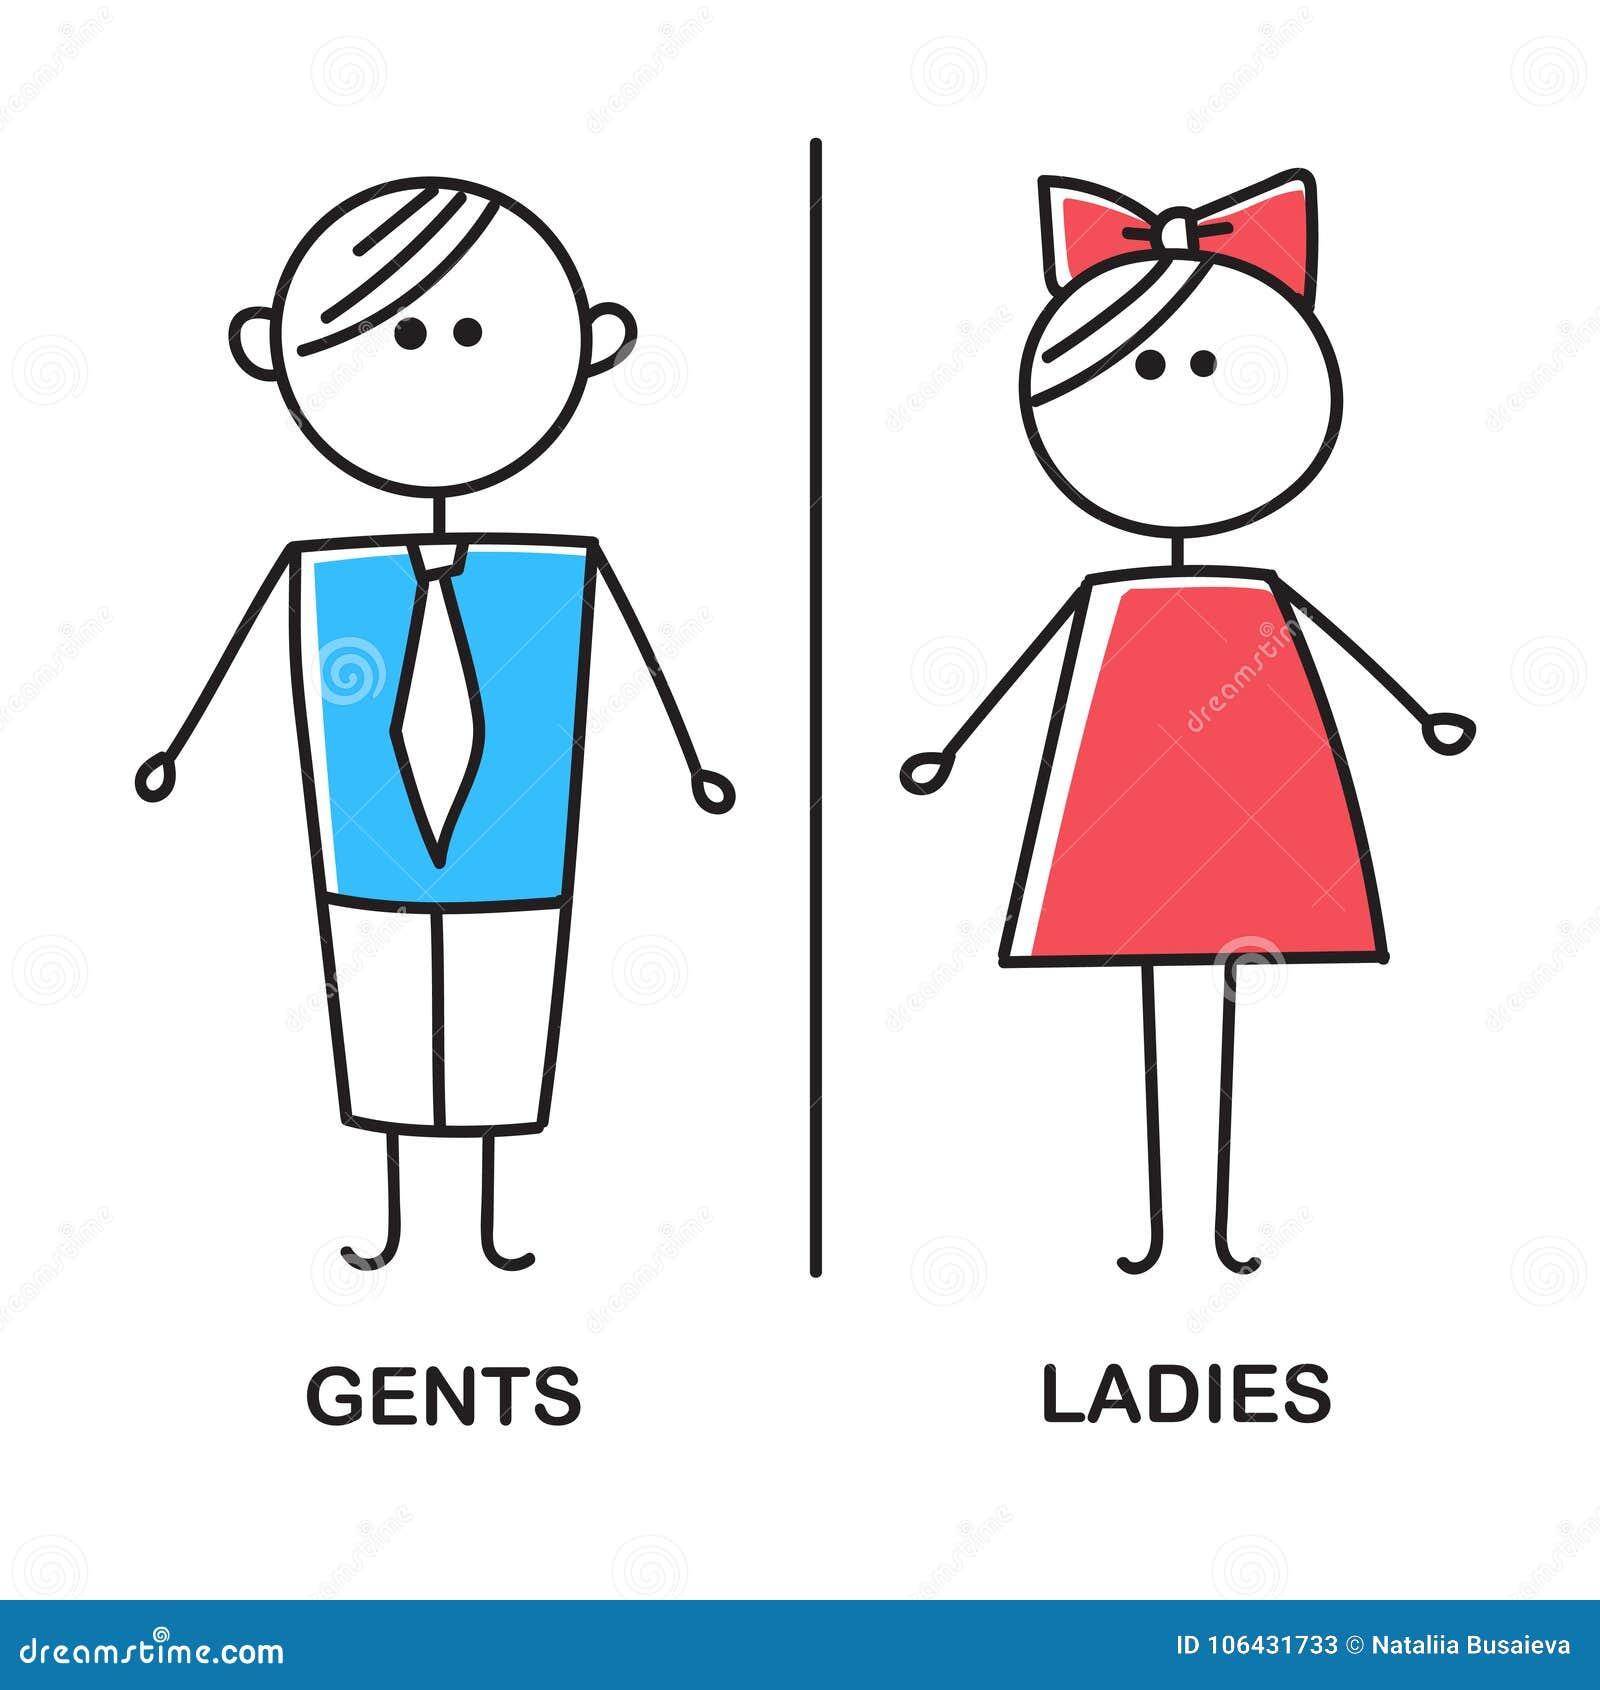 Farbige Toilette Ikone Einfaches Zeichen von WC Männer und Frauen WC-Zeichen für Toilette Vektorskizze auf weißem Hintergrund